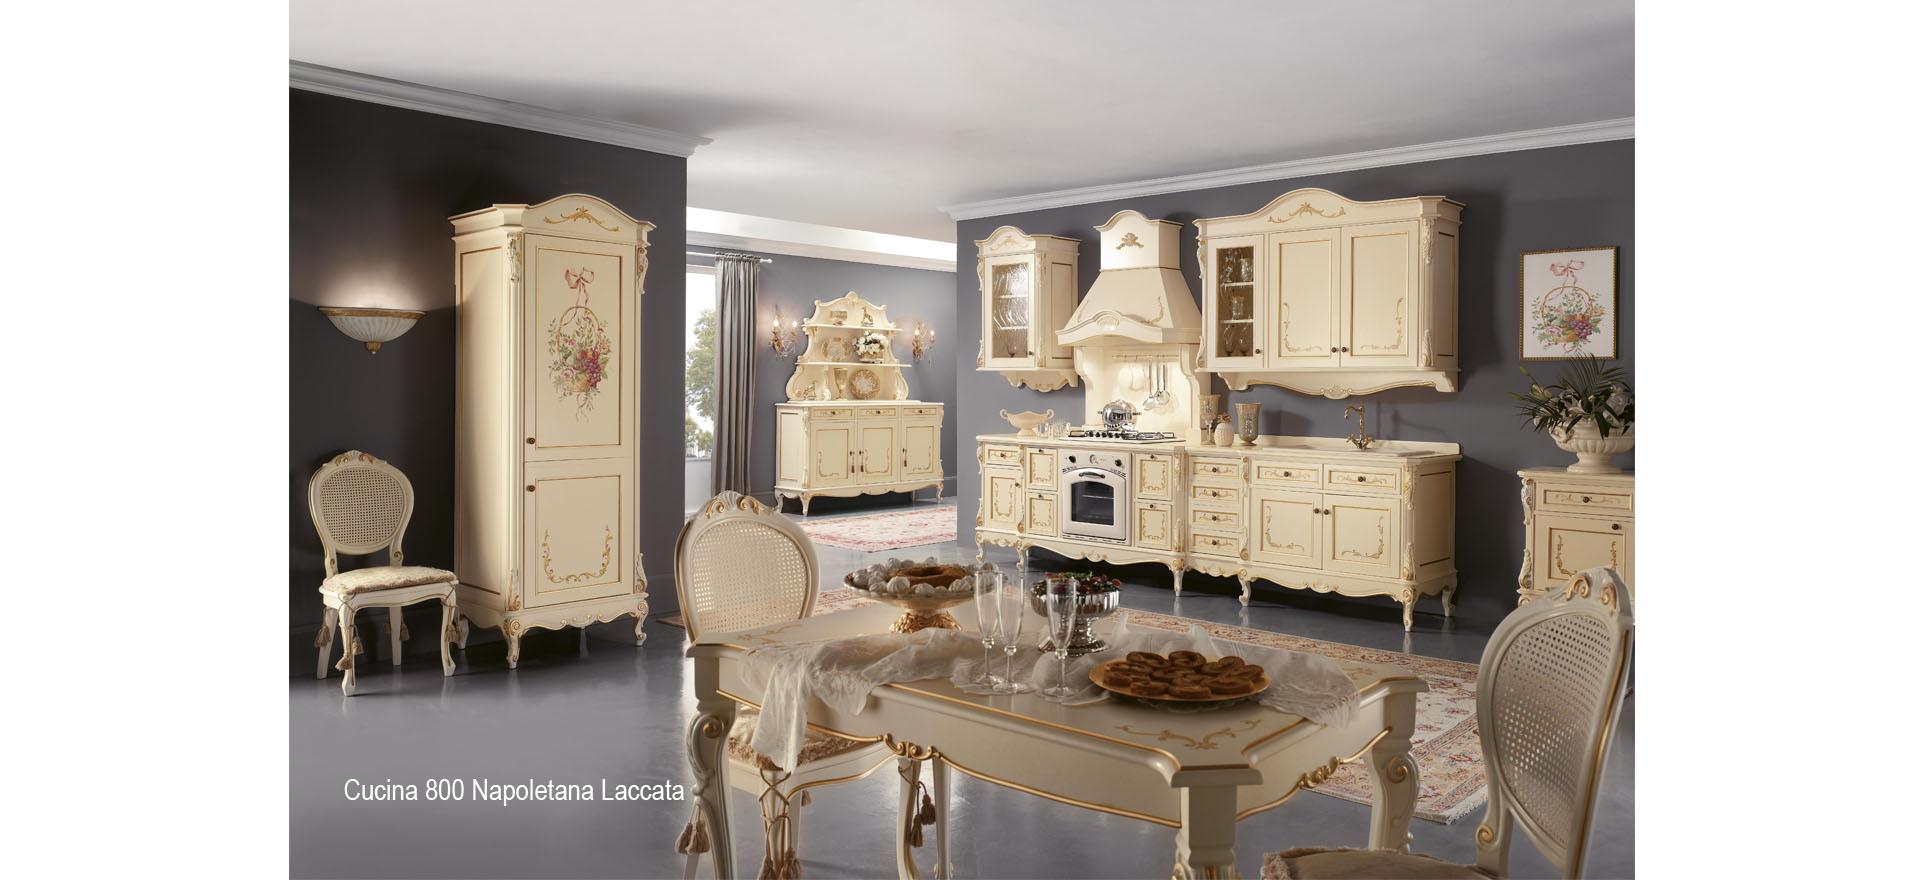 Camerette Stile Barocco Veneziano - Idee Per La Casa - Syafir.com